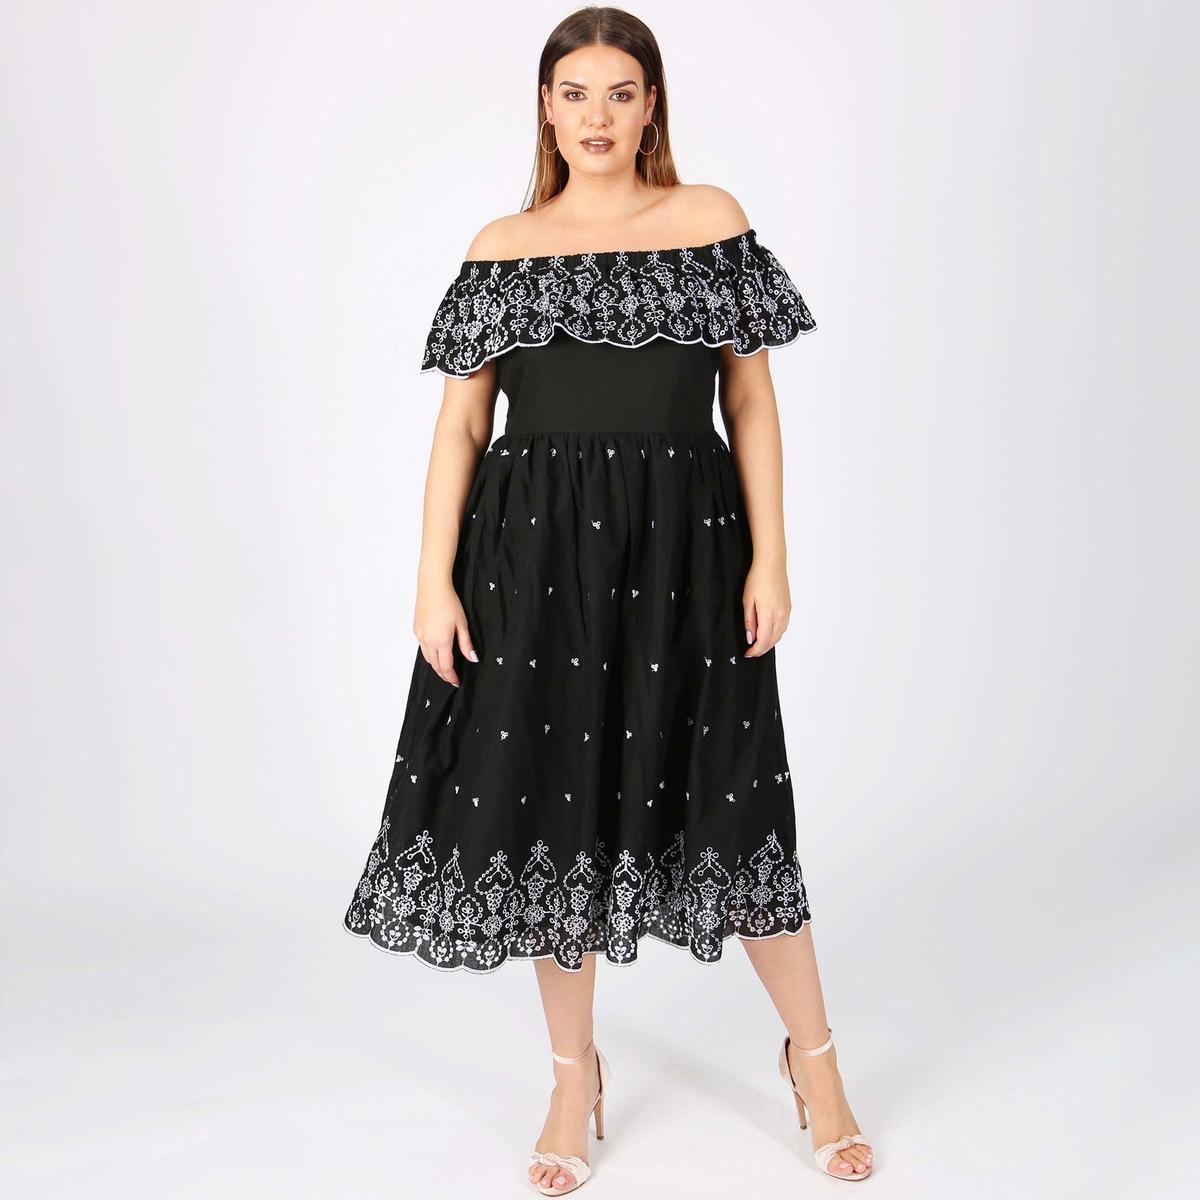 Платье кружевное расклешенное длиной 3/4 кружевное платье миди 40 44